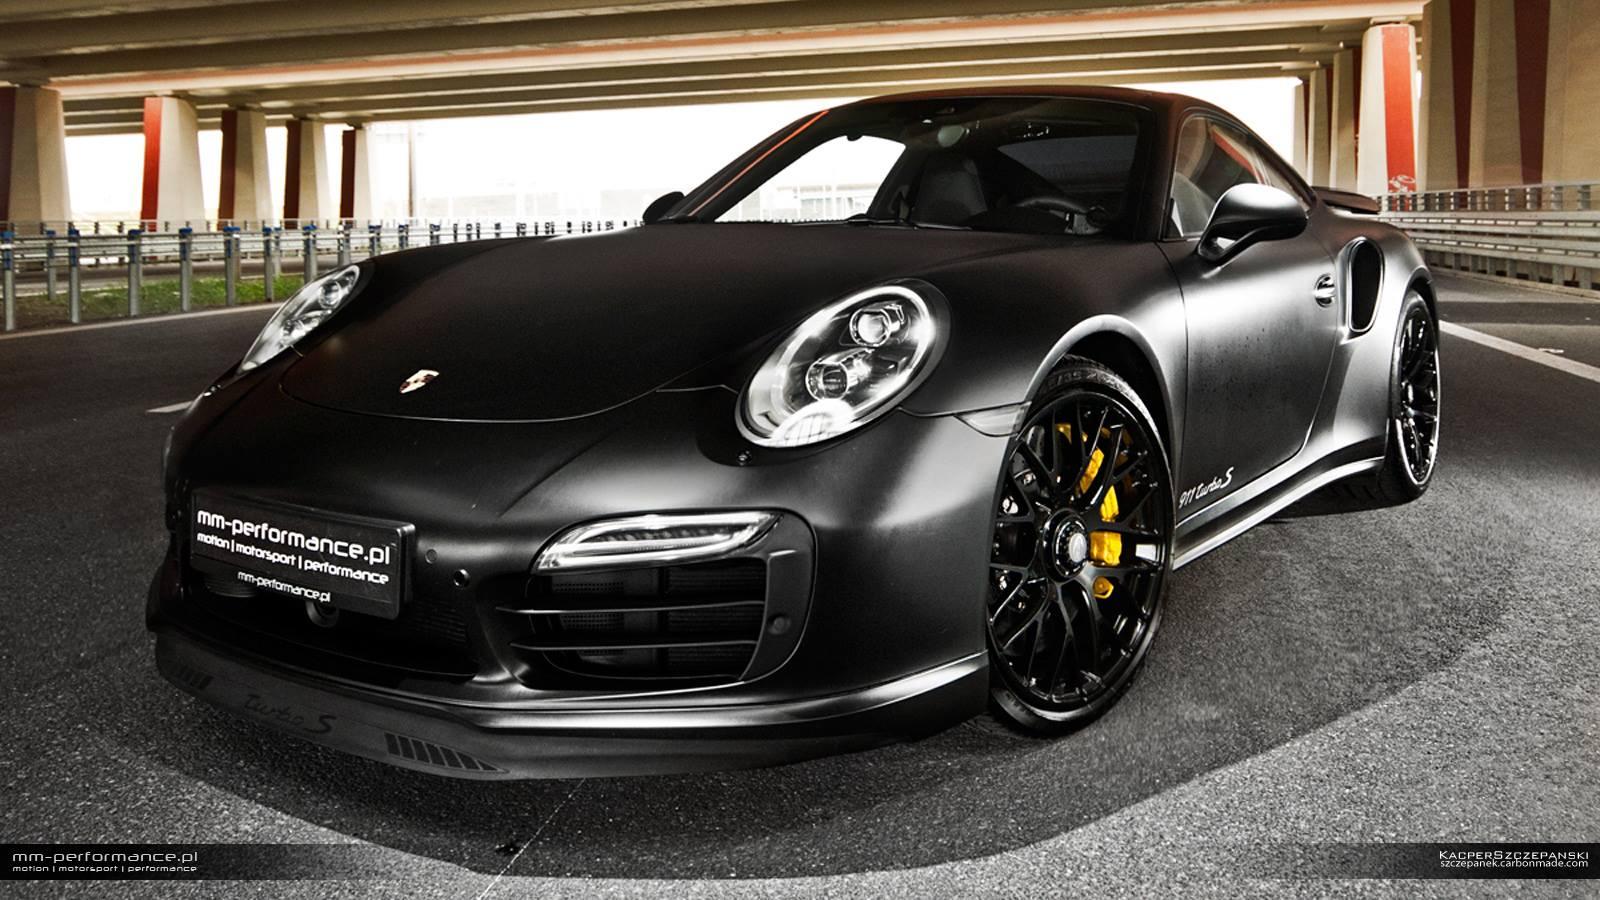 porsche 911 turbo s 7 - Porsche 911 Turbo Black 2000